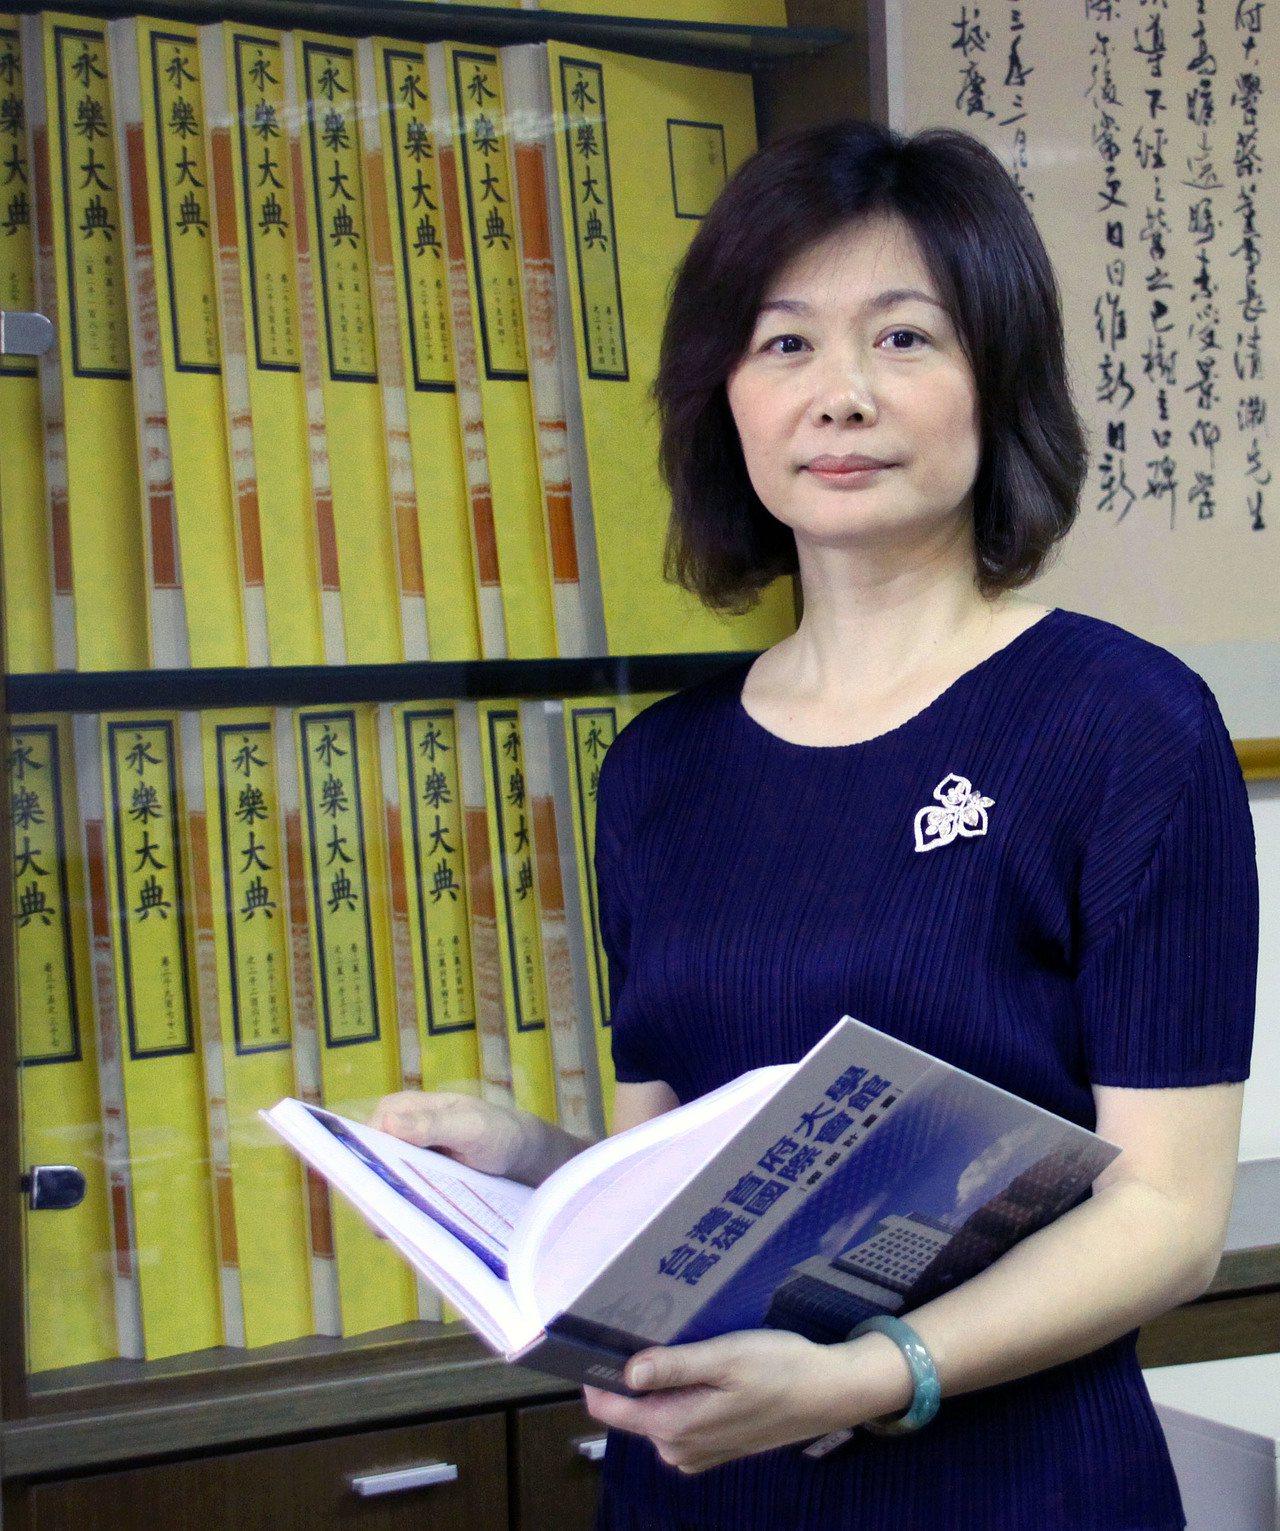 台灣首府大學董事長應秀鳳。取自台灣首府大學官網